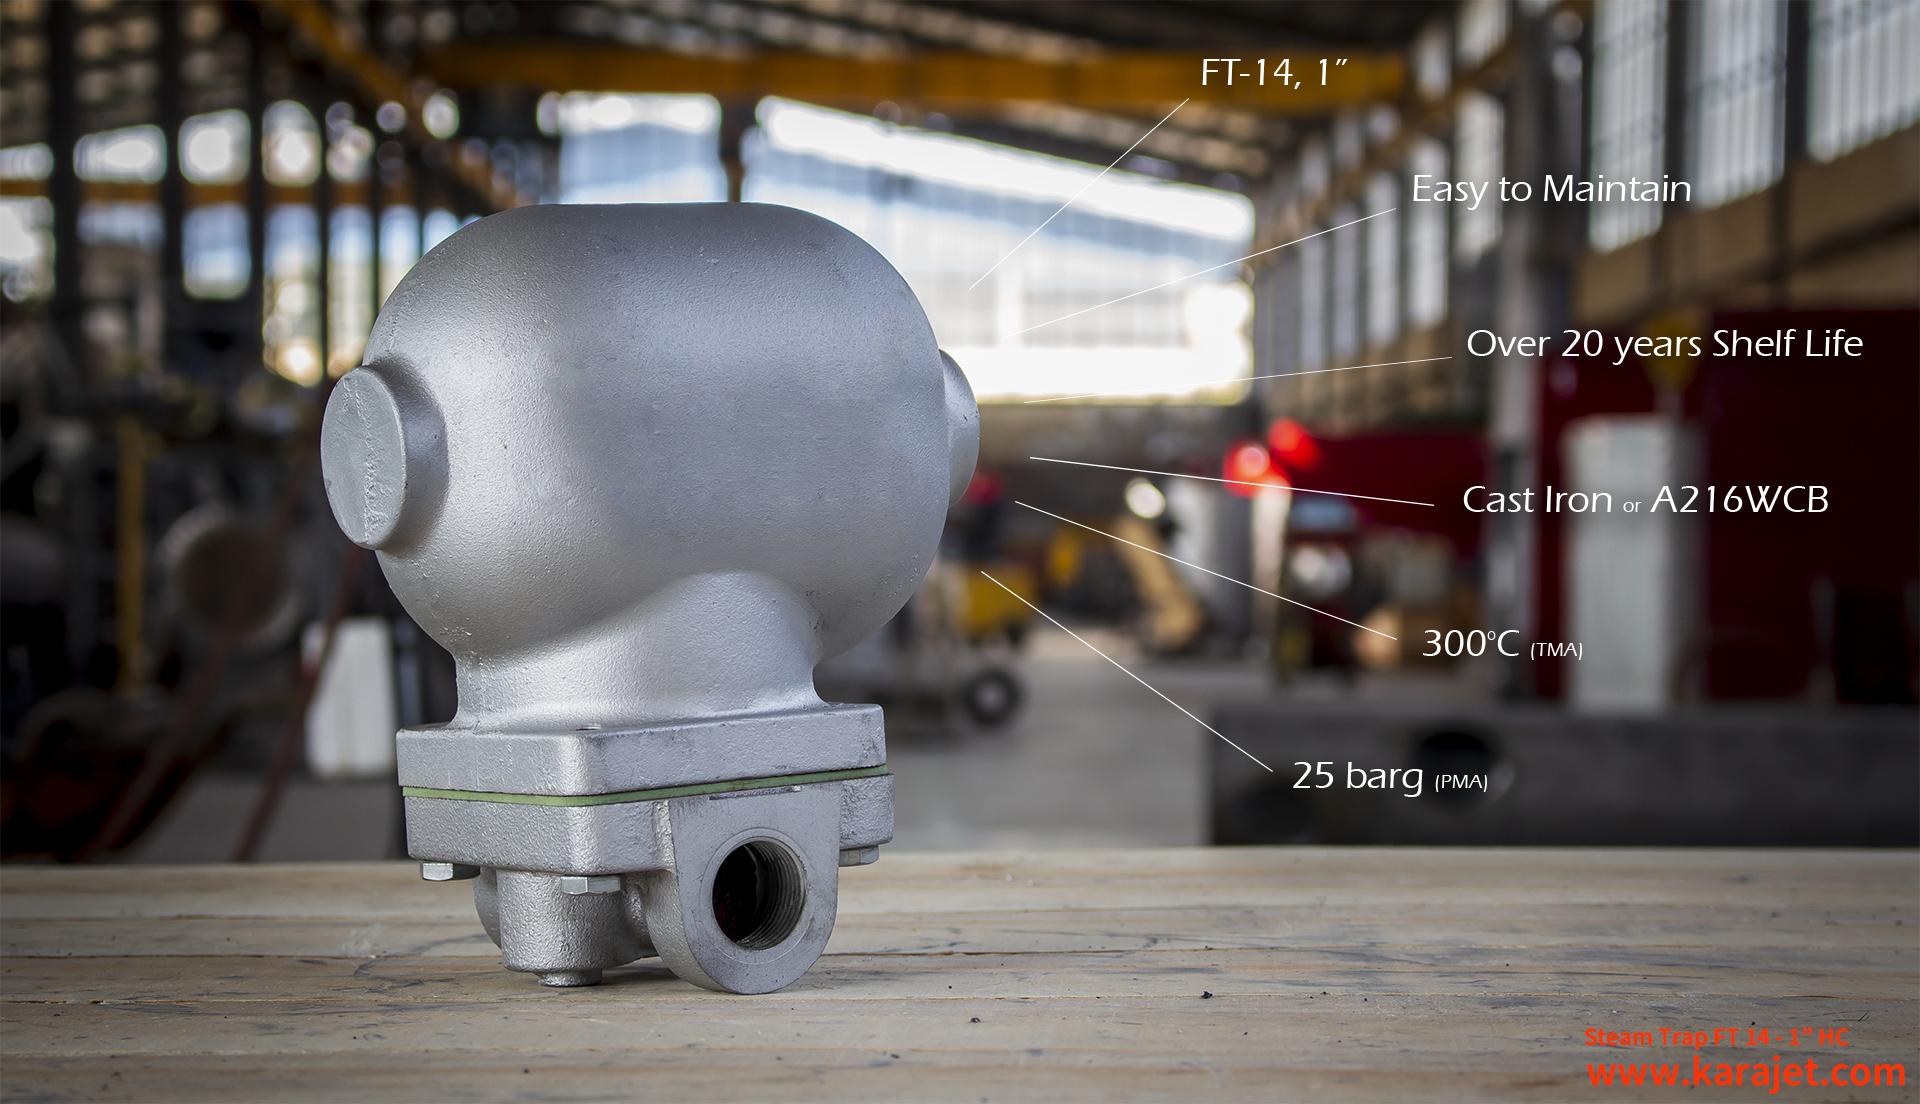 تله بخار-تله بخار مکانیکی-شرکت کارا صنعت تدبیر پایا